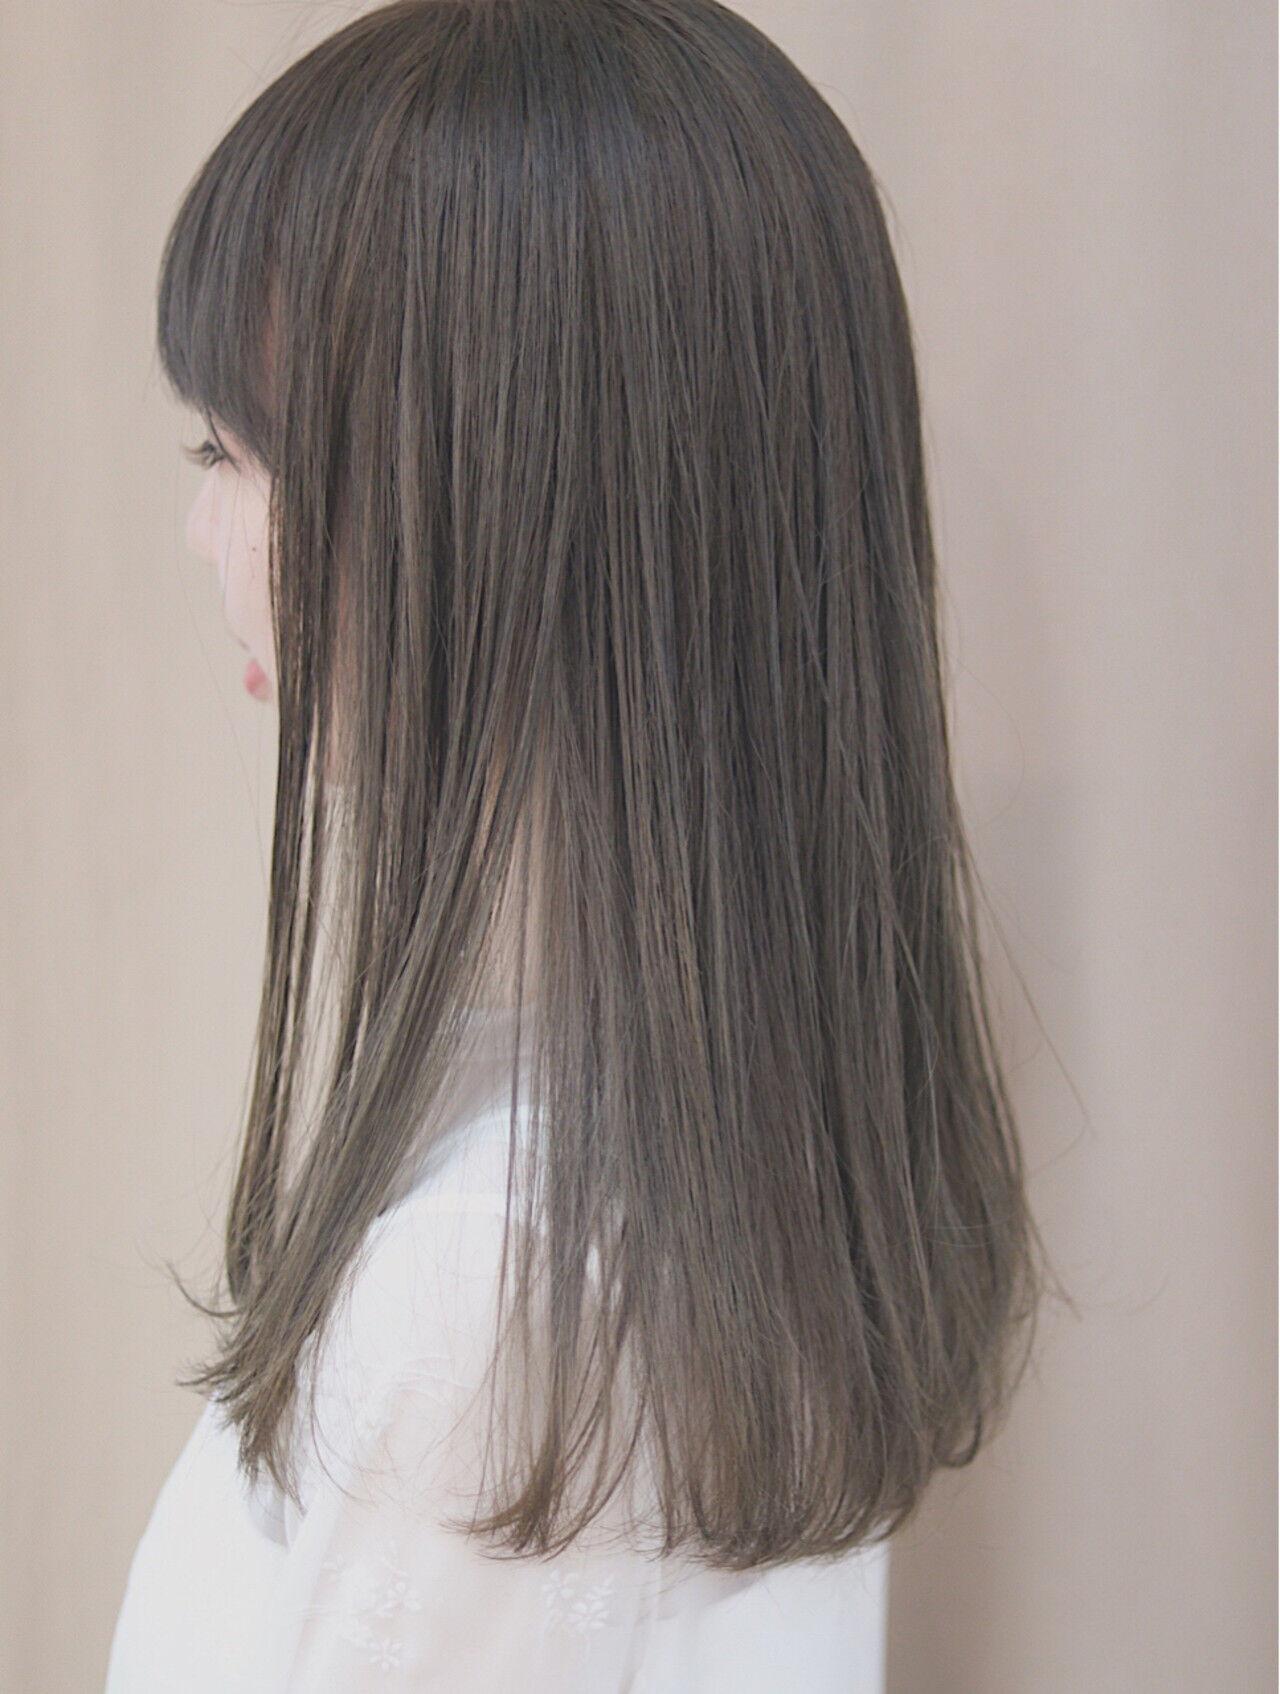 イルミナカラー グレージュ ナチュラル ロングヘアスタイルや髪型の写真・画像